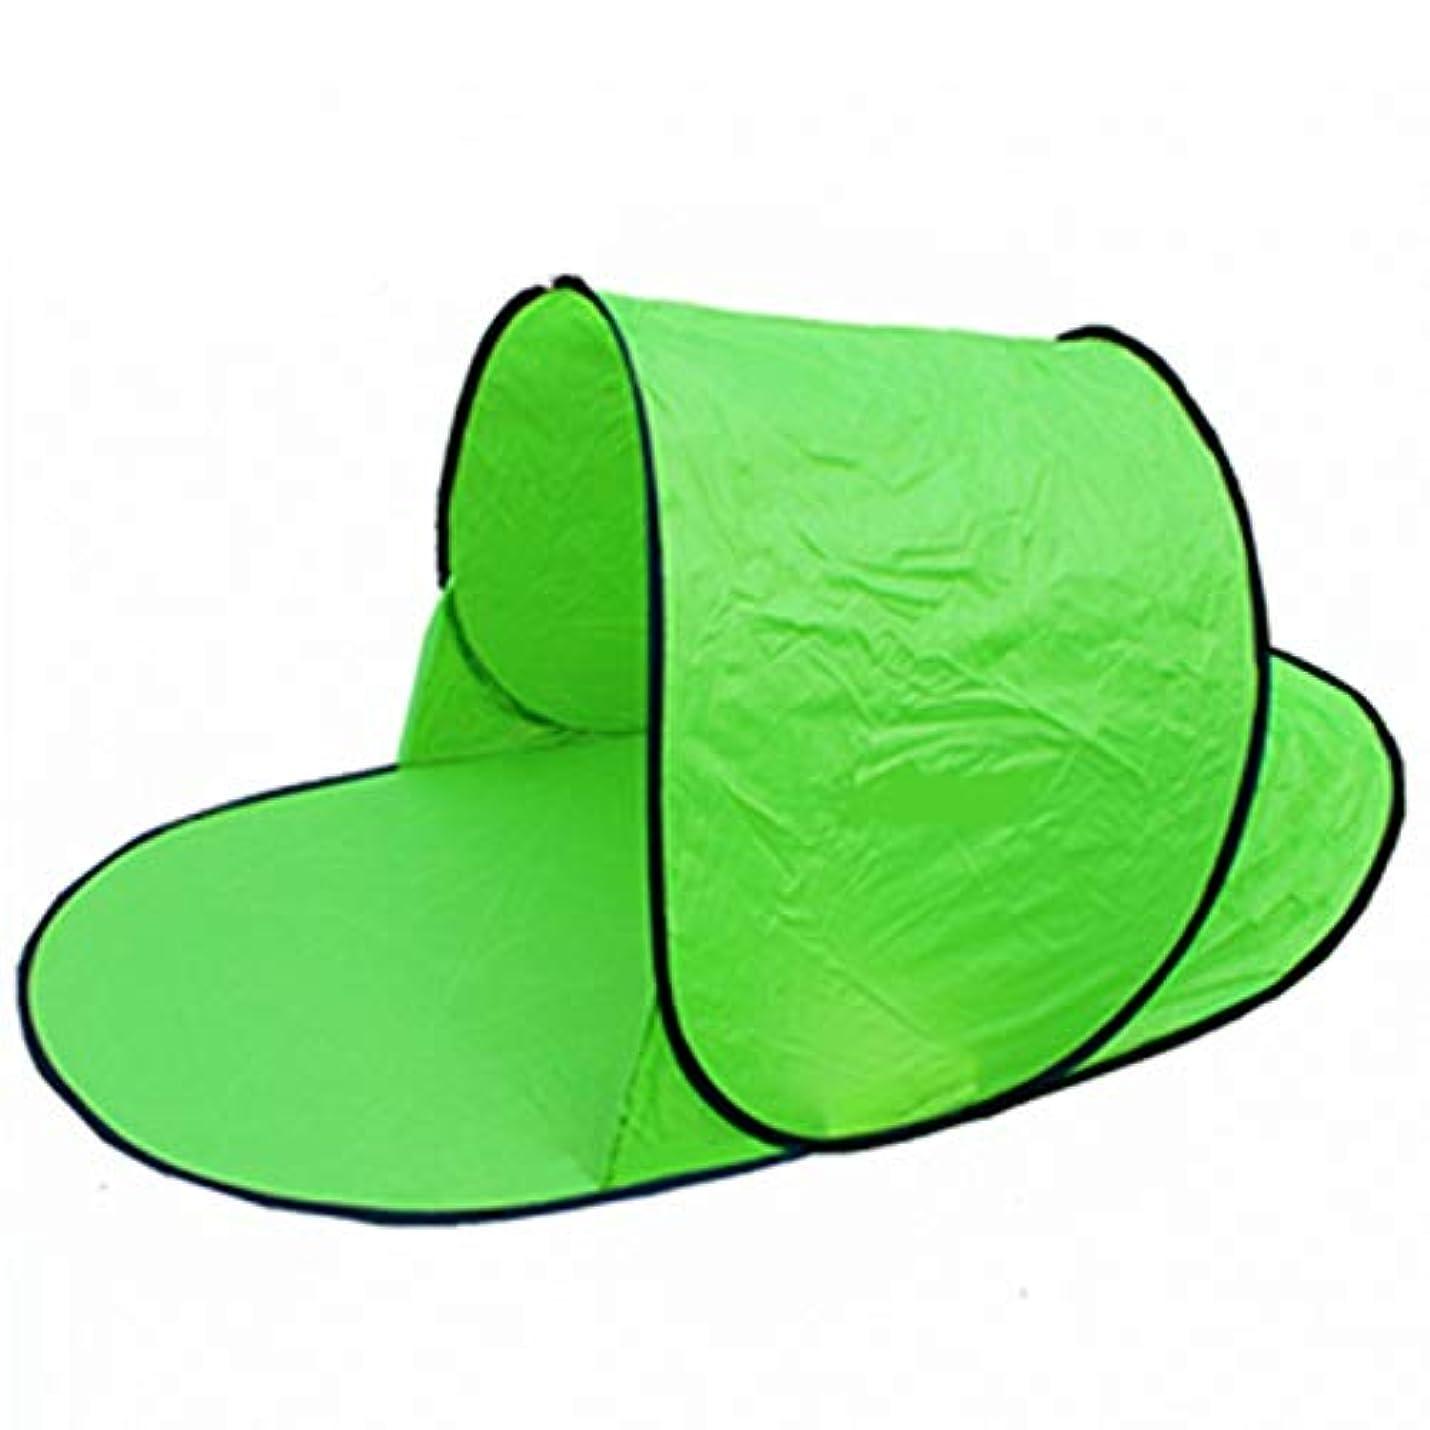 エスカレーター統治可能豆Opliy 142 * 72 * 60センチキャンプテント40 + UPFと1000-1500ミリメートル防水インデックス日焼け止め防水テントインストールが簡単で屋外のポータブルテント 品質保証